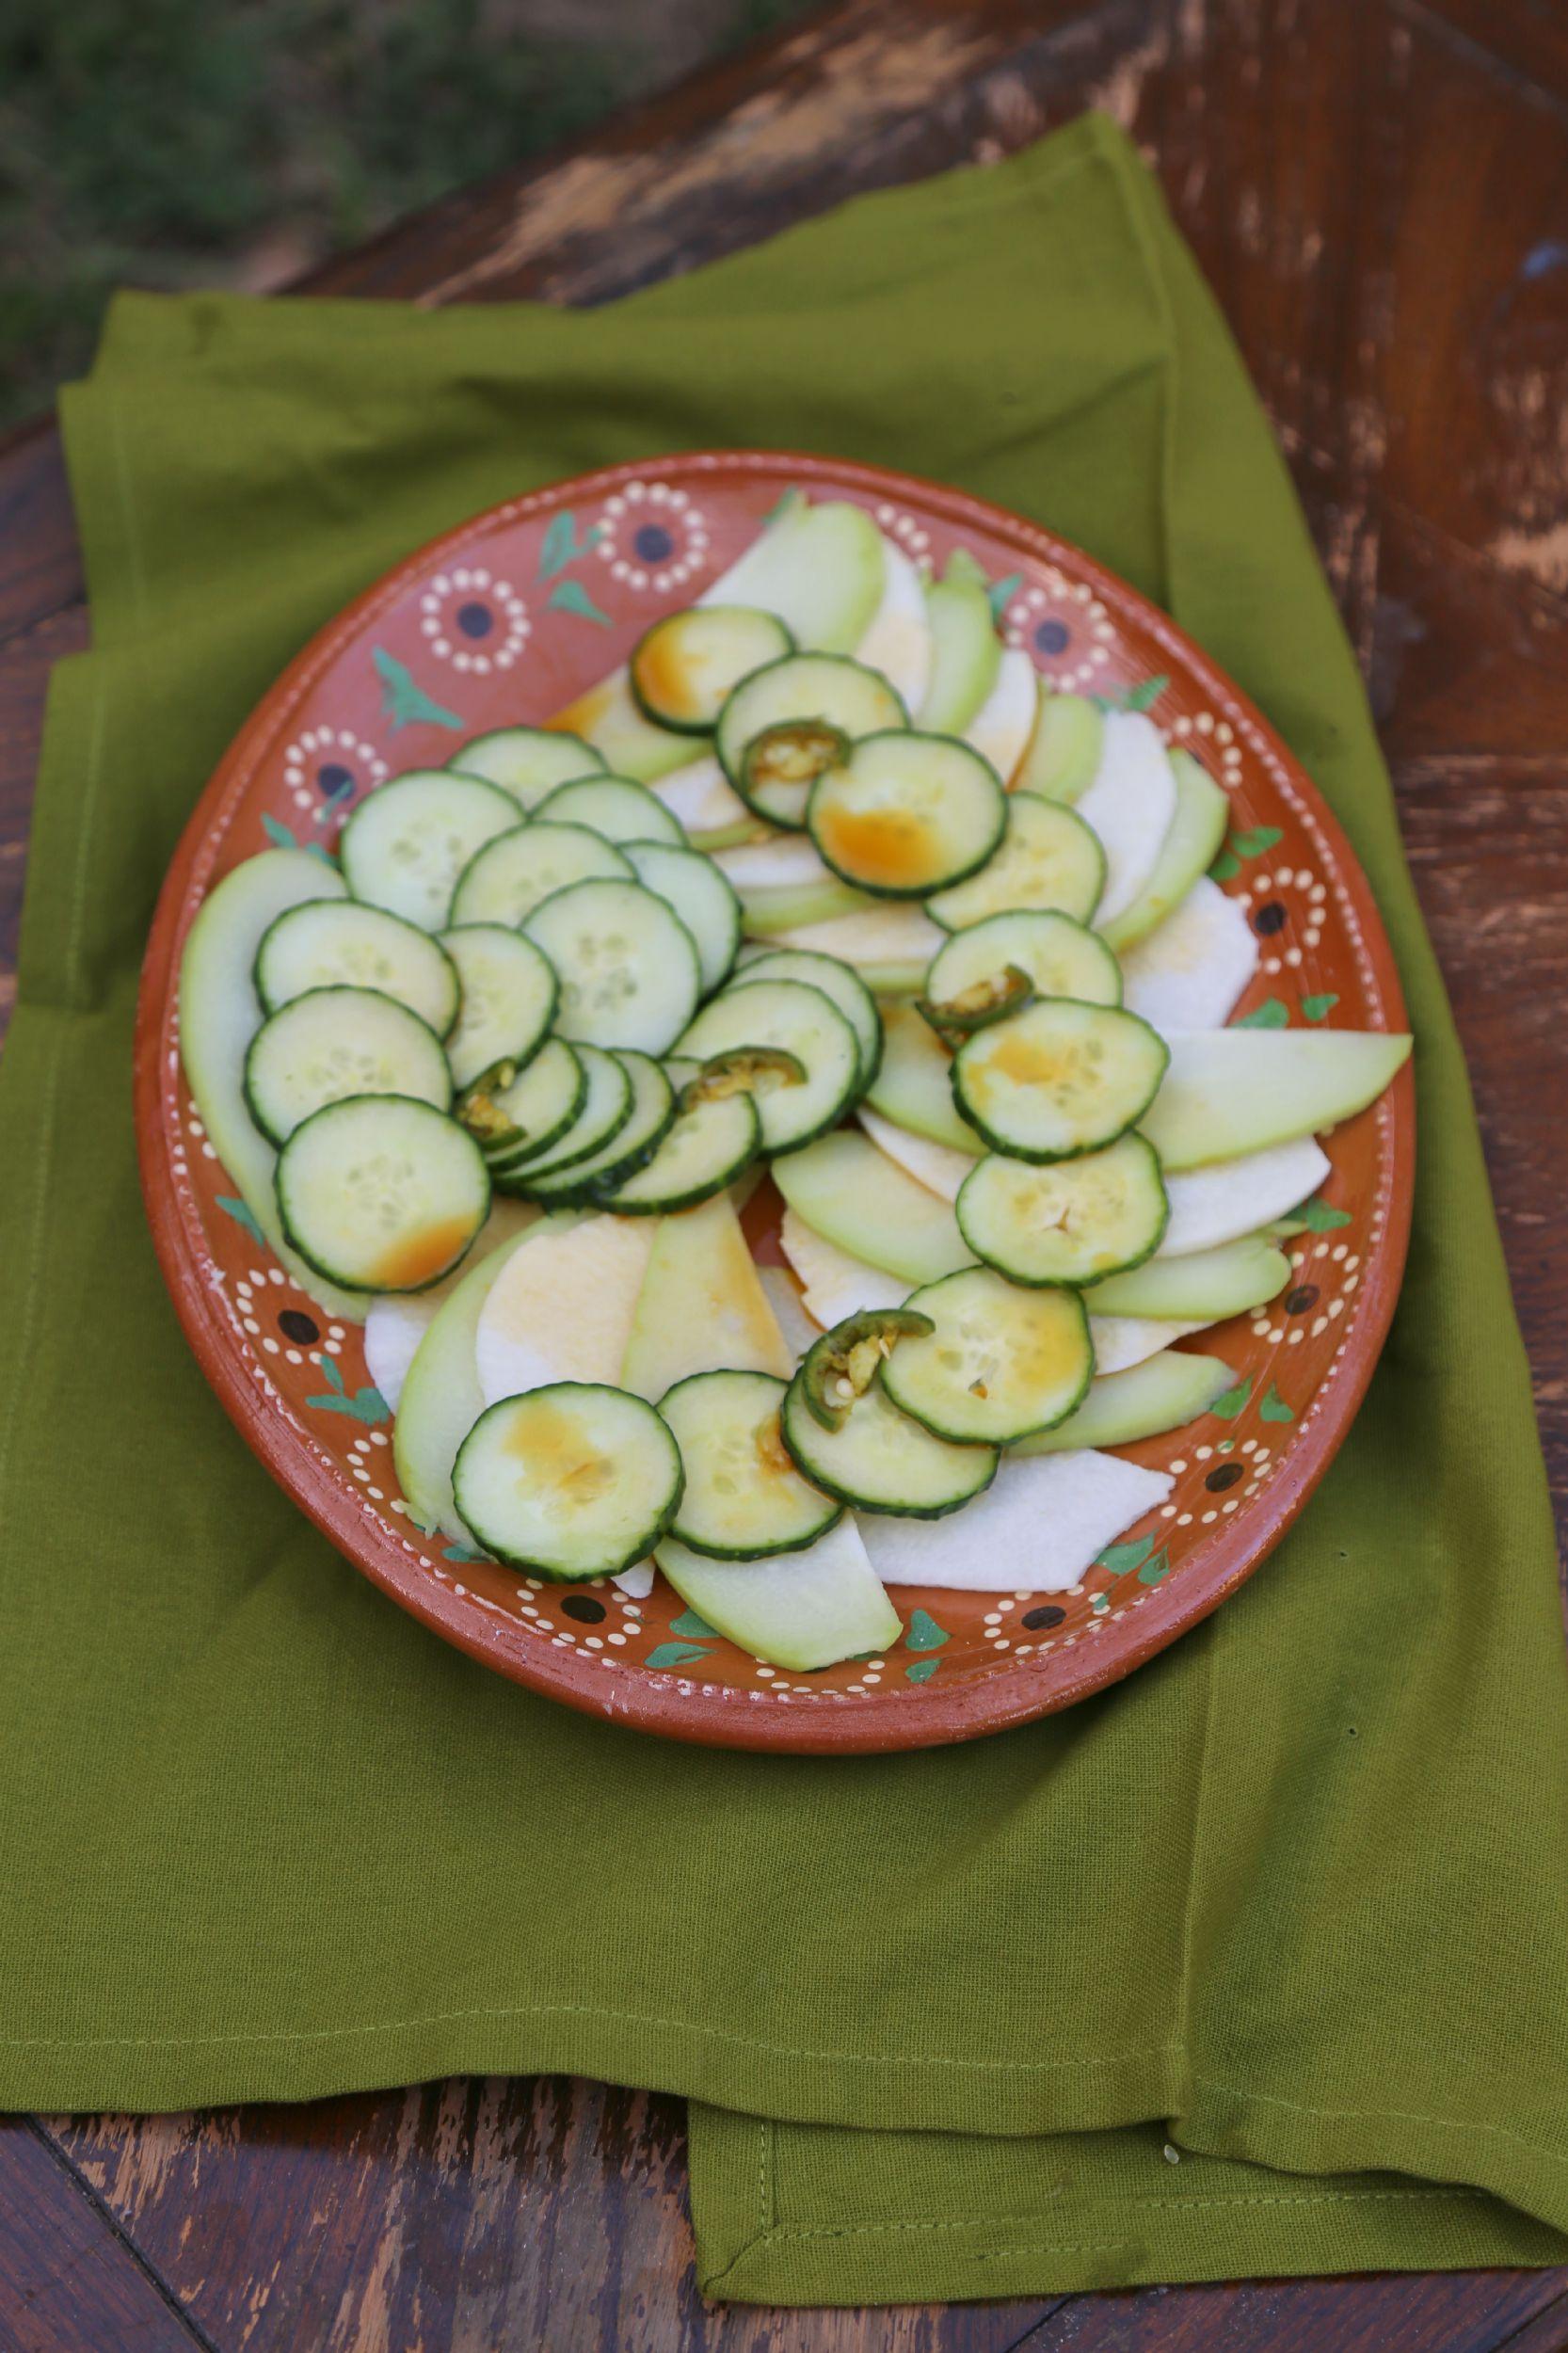 spicy-chayote-jicama-salad-vianneyrodriguez-sweetlifebake